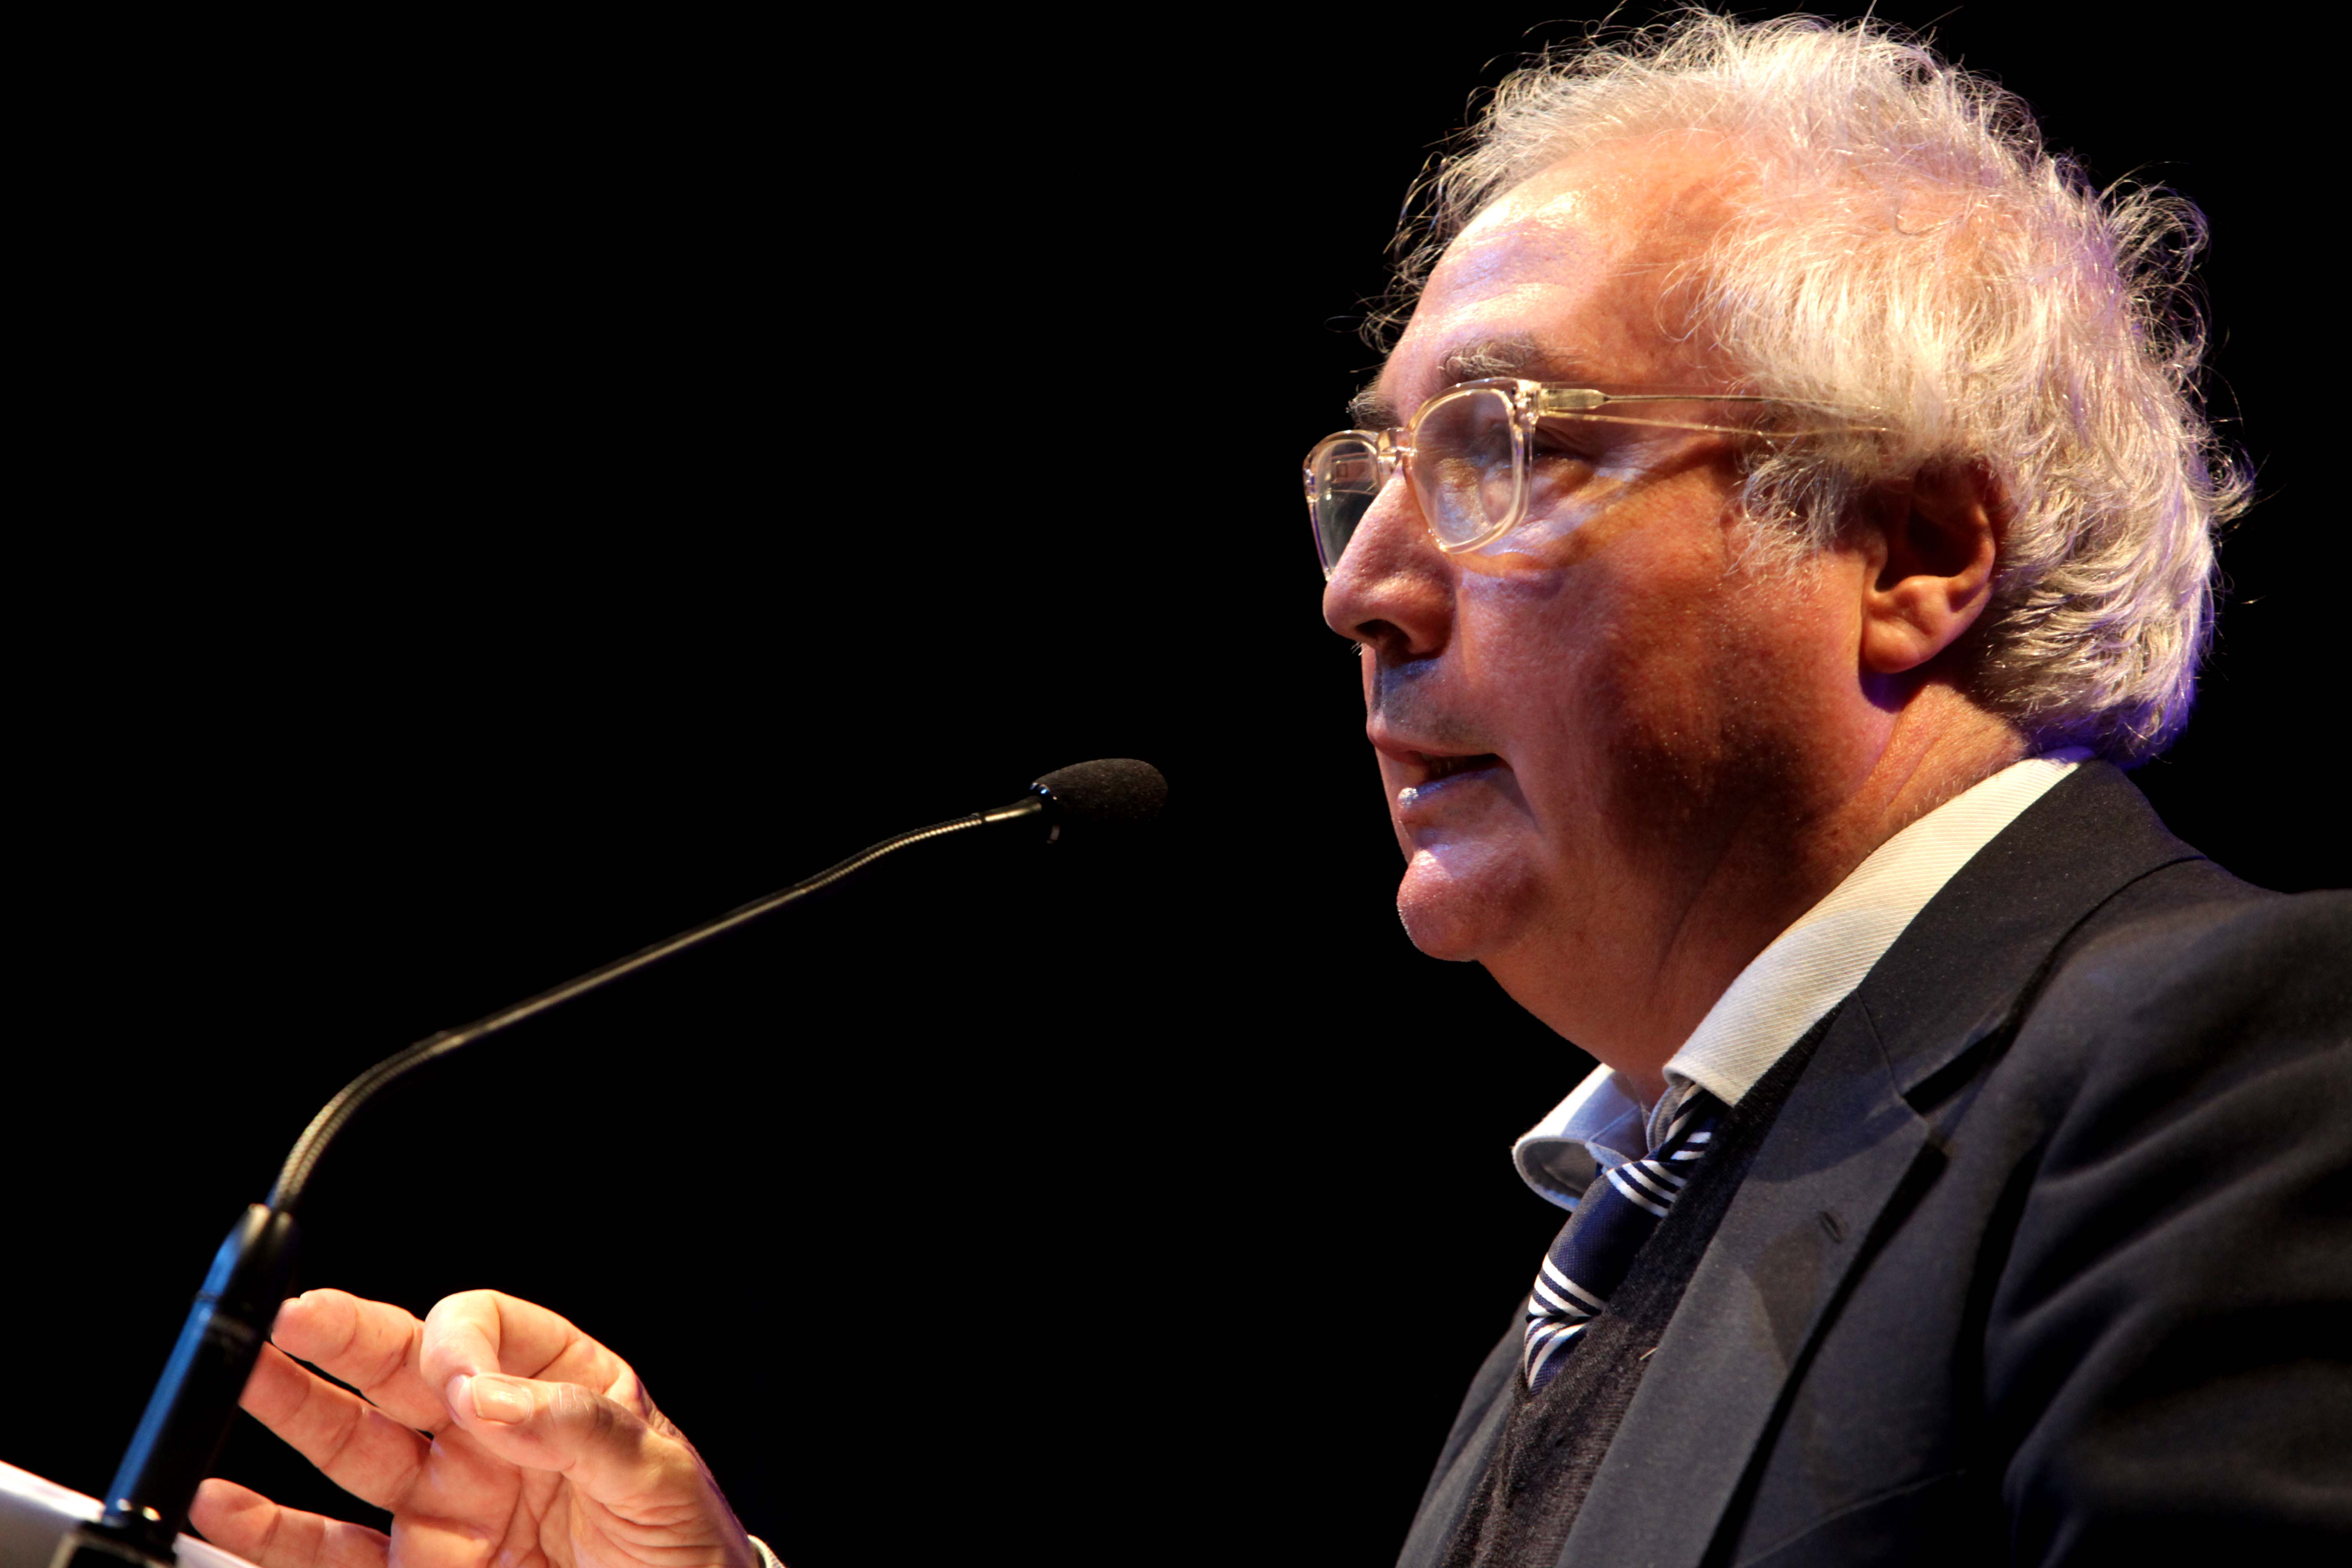 Sociólogo Manuel Castells estará em Florianópolis no dia 14 de maio e Udesc sorteará ingressos para a palestra